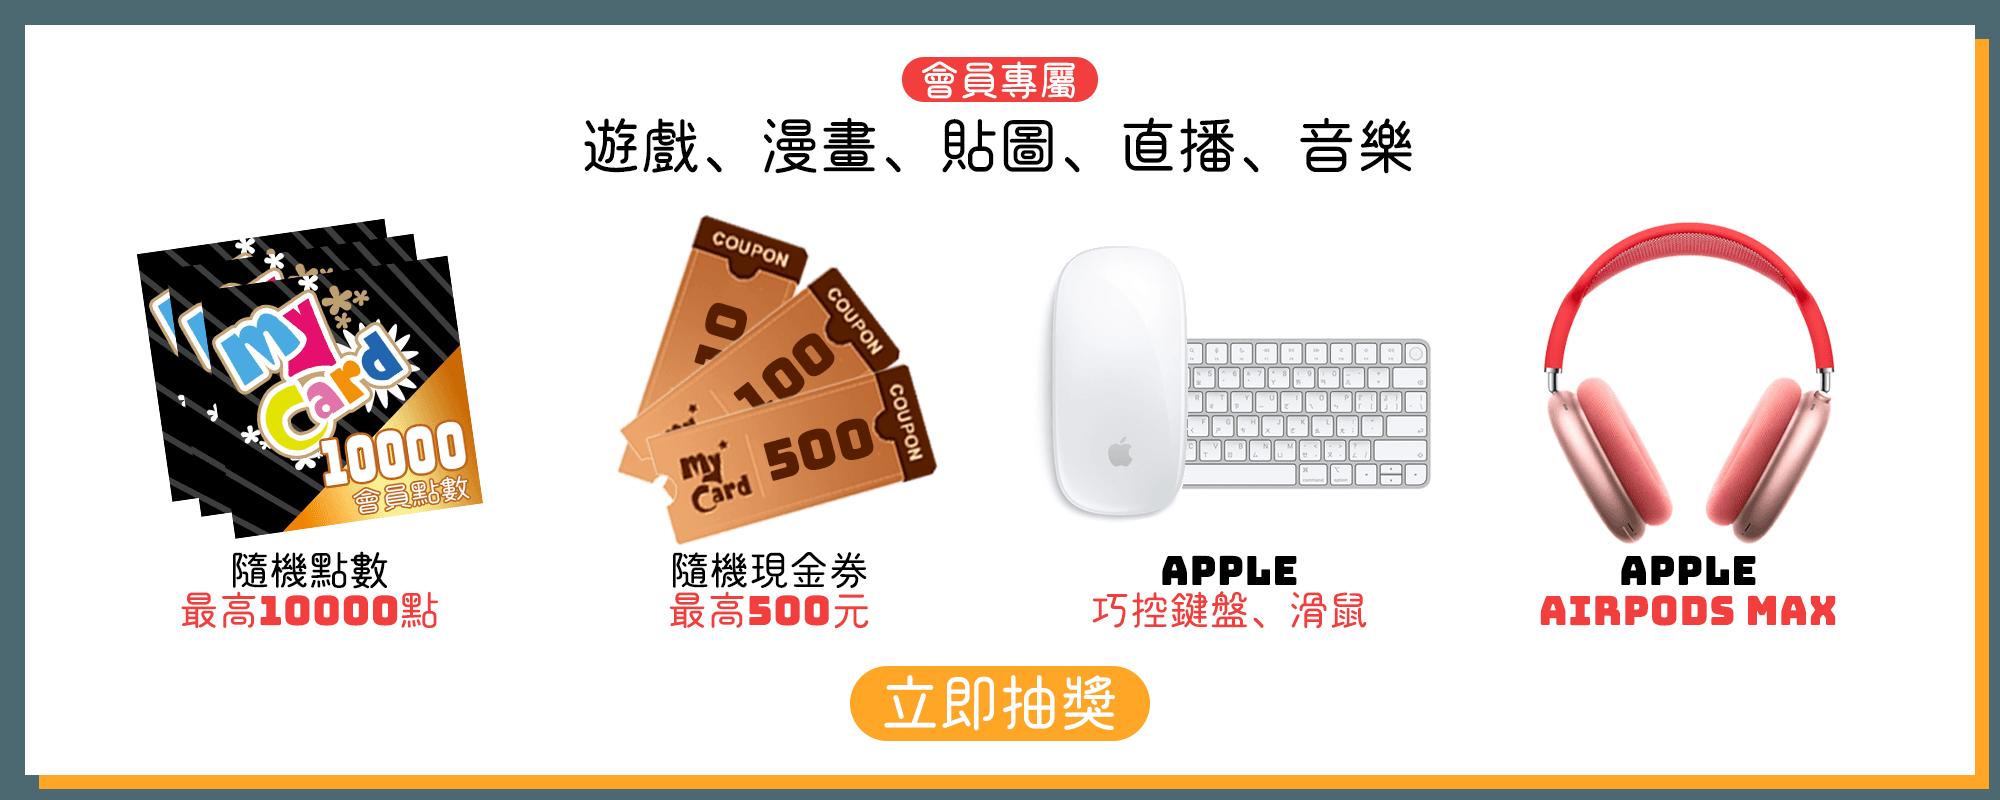 MyCard會員玩遊戲聽音樂看直播漫畫買貼圖最划算30點即可抽50000點再加碼抽Apple滑鼠鍵盤、AirPods Max、iPhone13ProMax